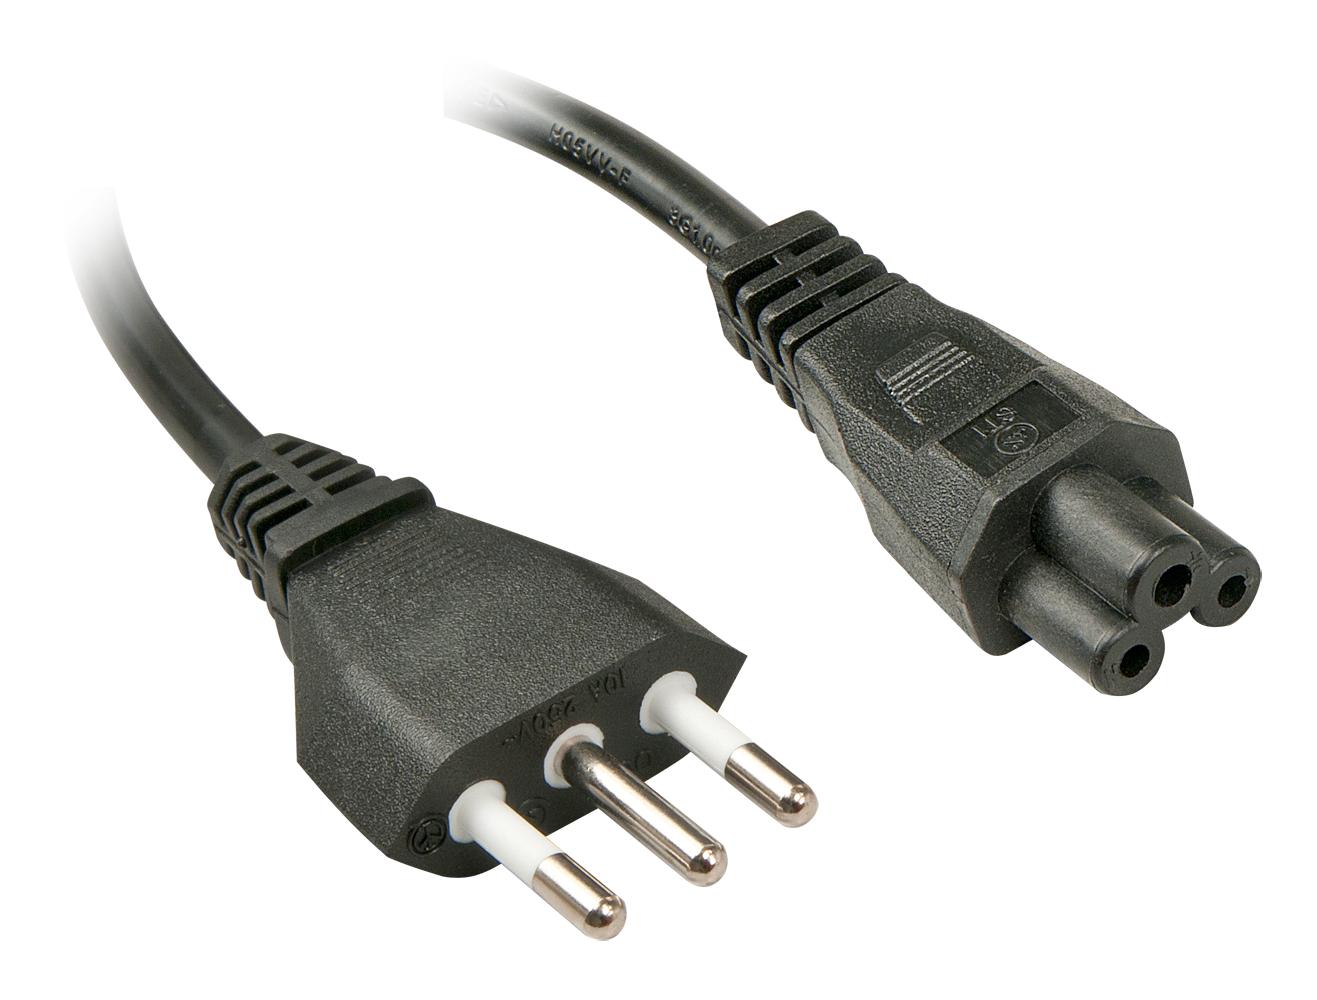 Lindy Stromkabel - IEC 320 EN 60320 C5 (M) bis CEI 23-16/VII (M) - 2 m